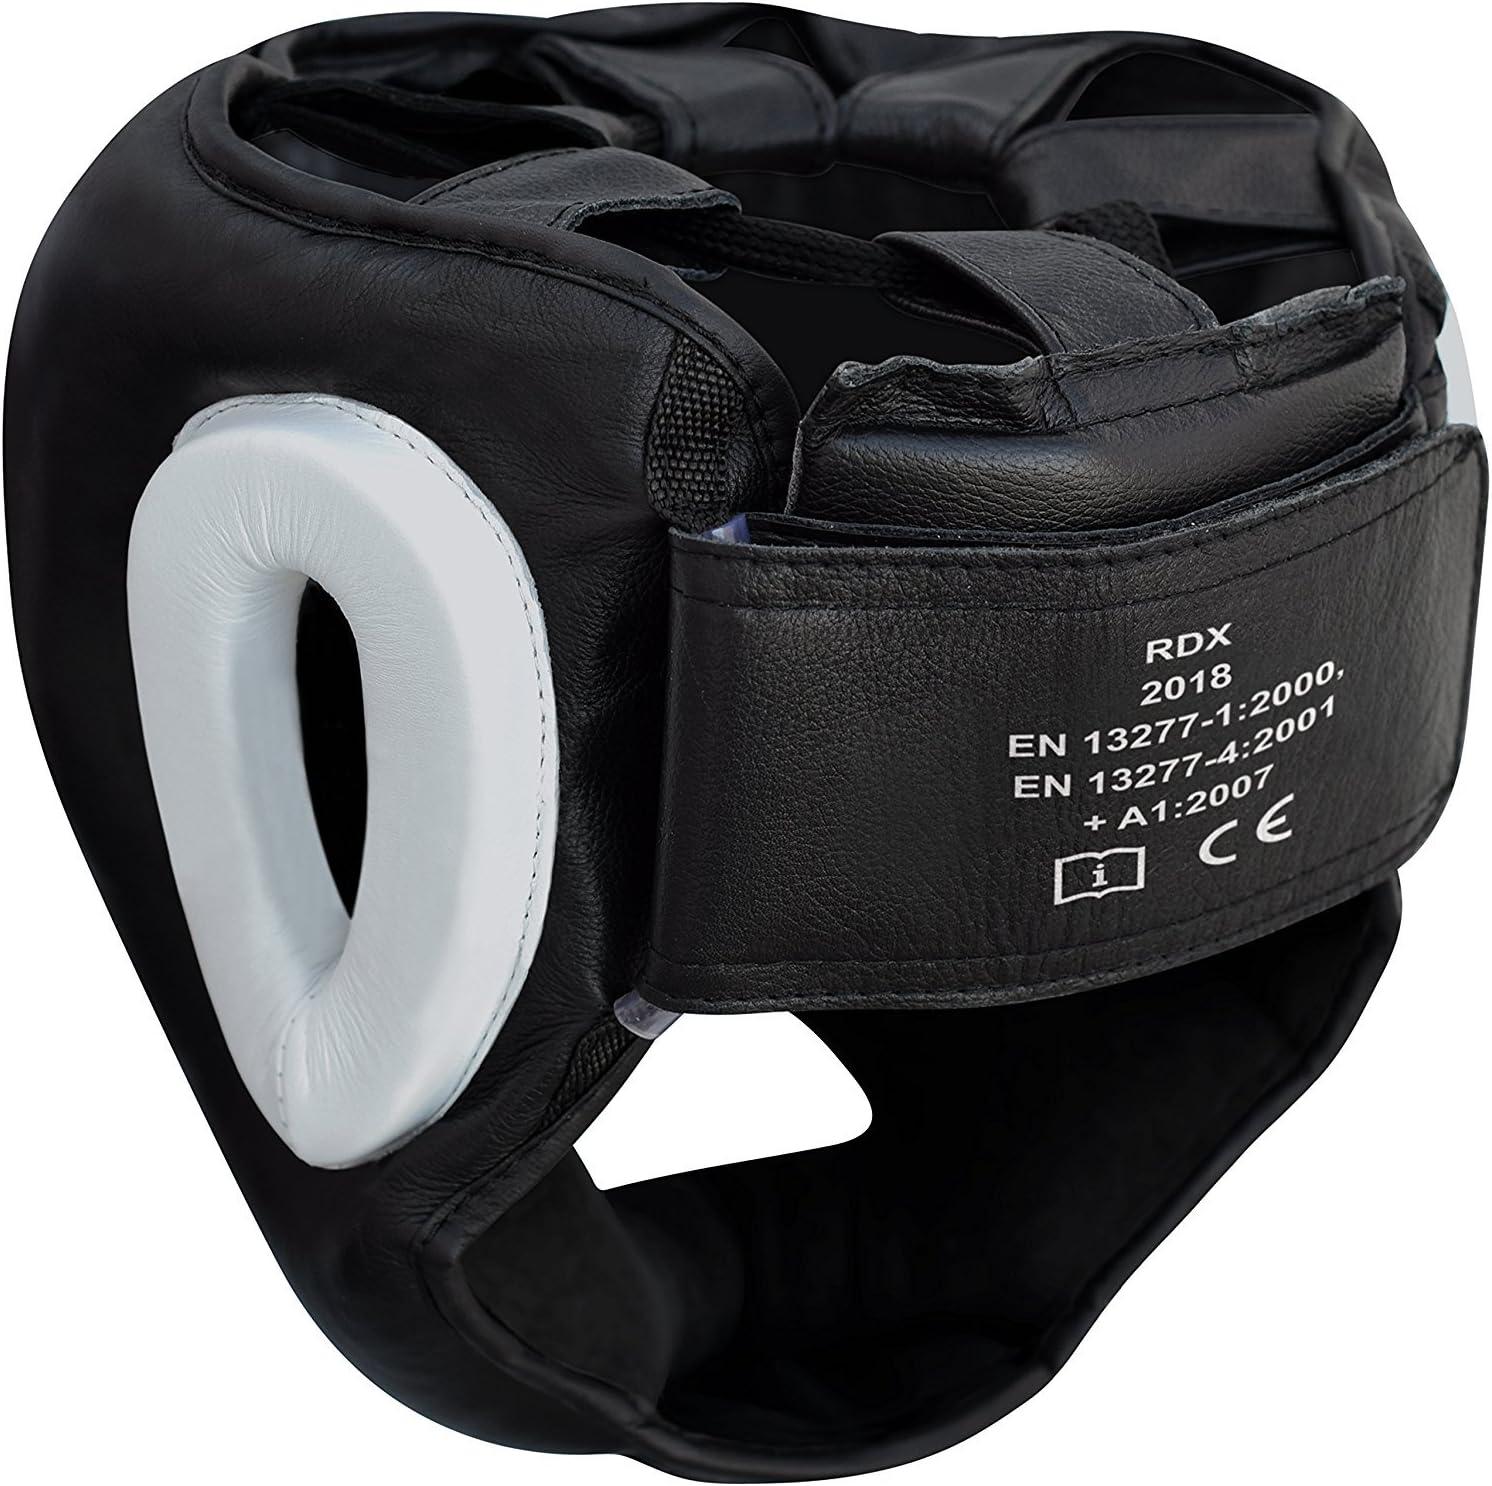 proteccion de cabeza y rostro marca RDX